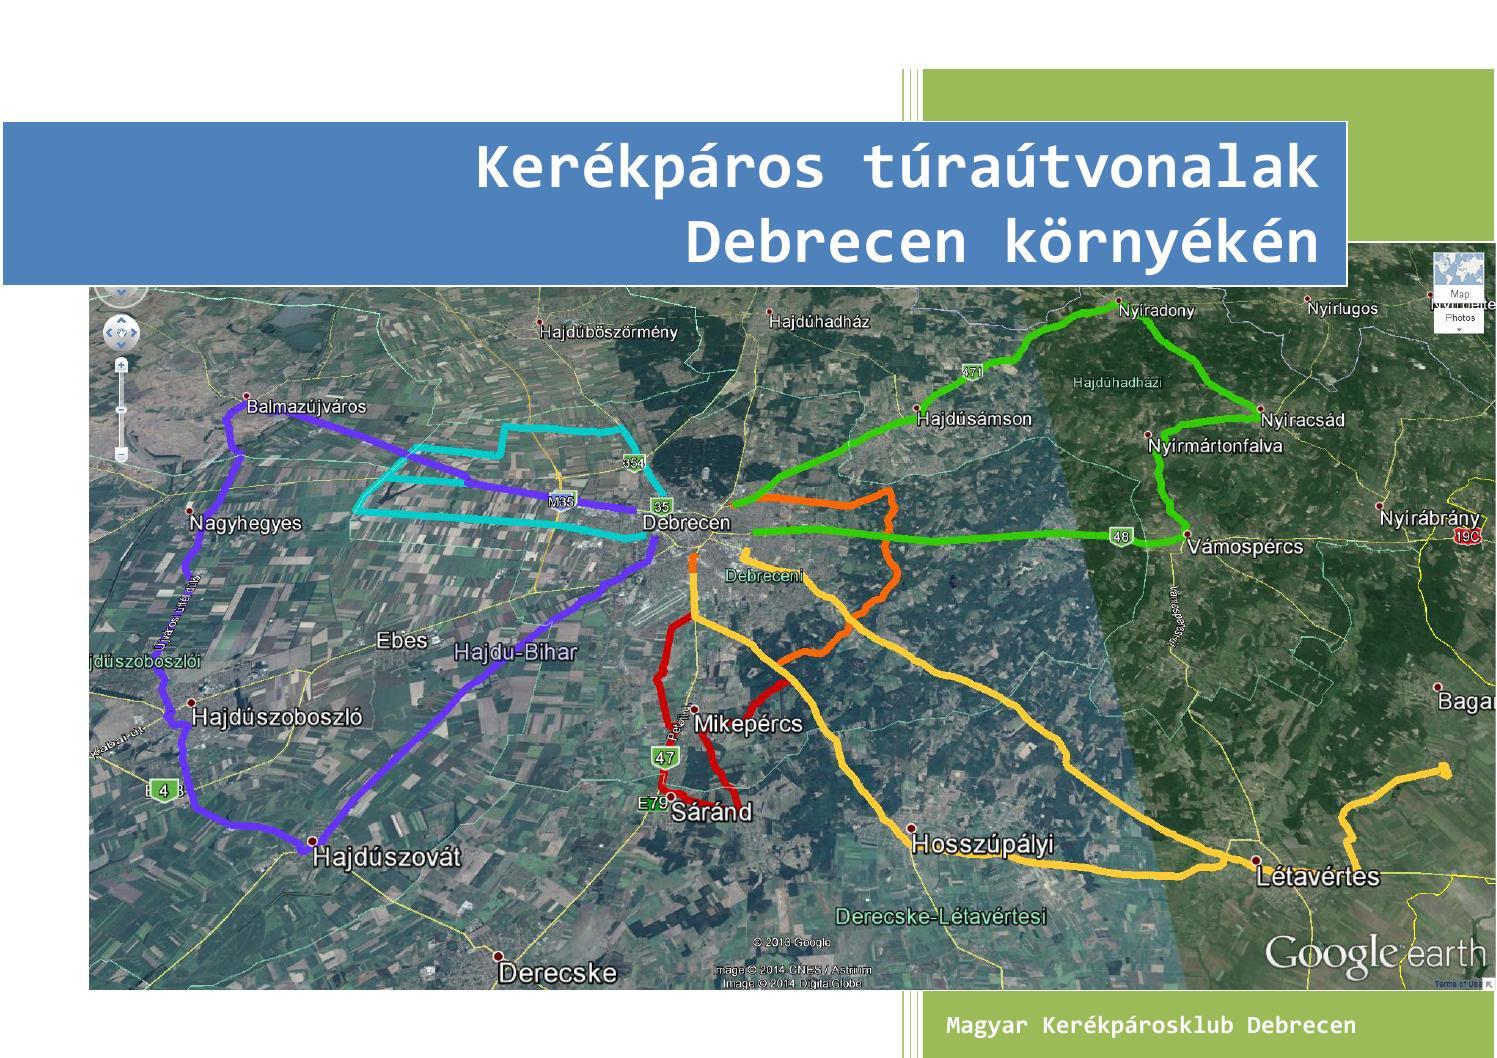 debrecen bicikliút térkép Kerékpáros túraútvonalak Debrecen környékén by hugaald   issuu debrecen bicikliút térkép